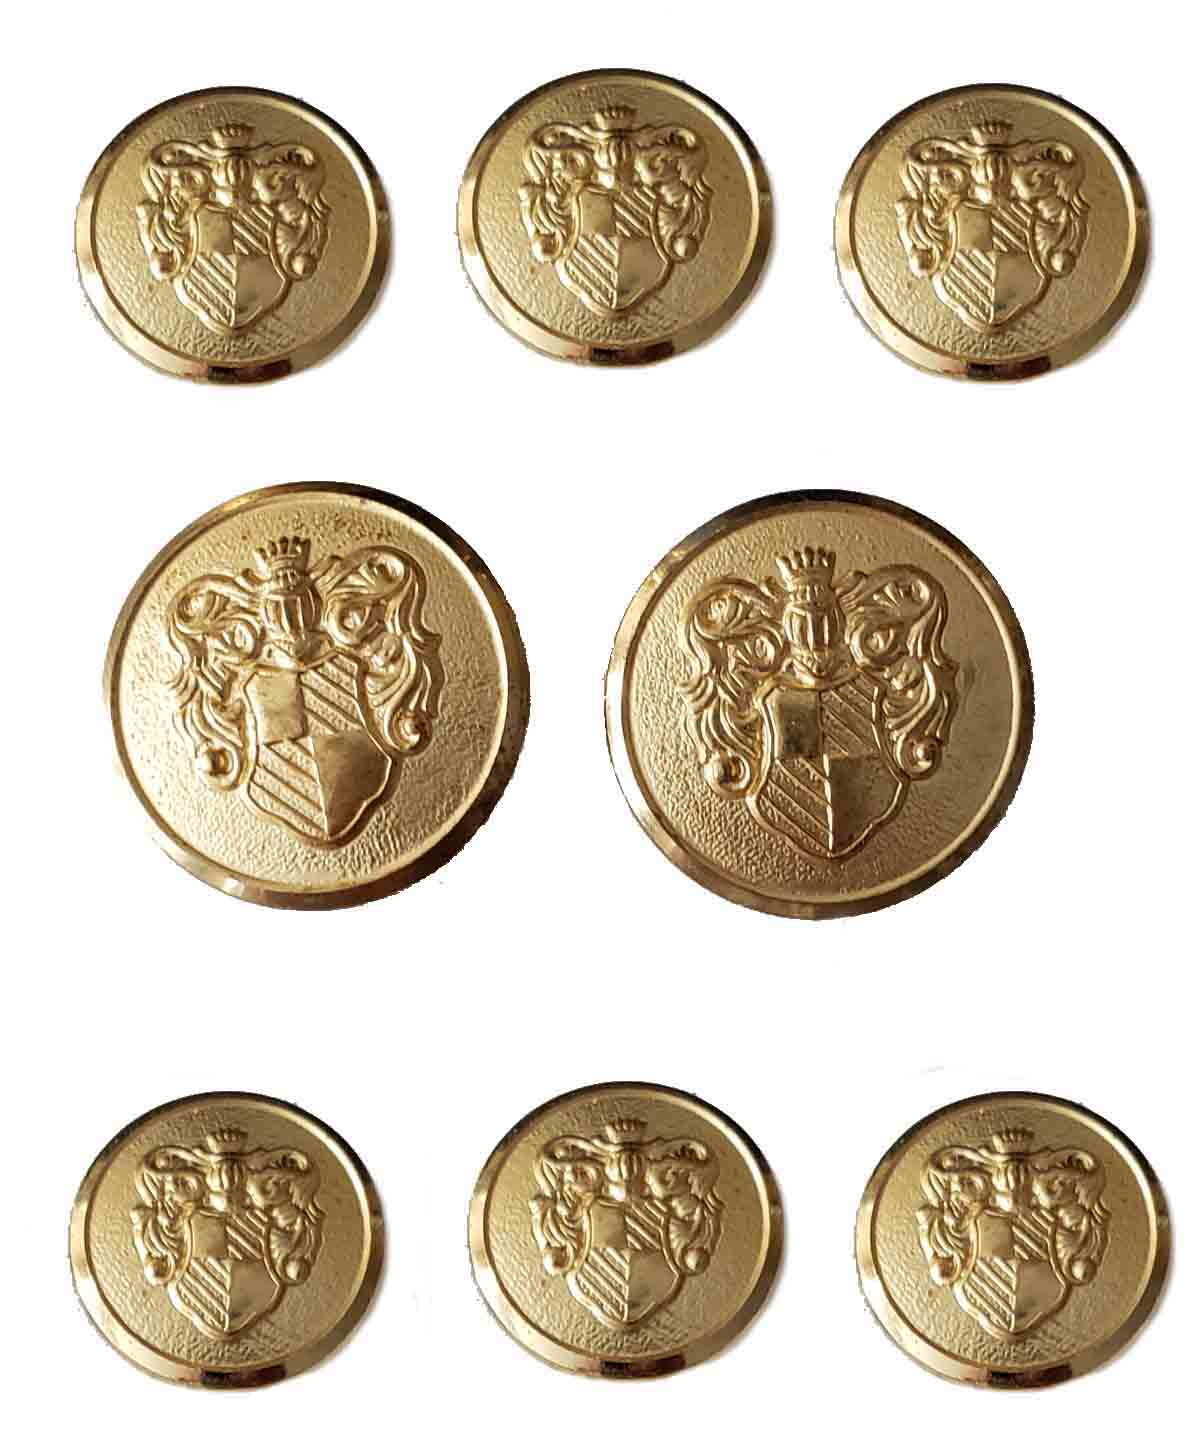 Vintage Waterbury Blazer Buttons Set Gold Brass Shank Crown Shield Men's